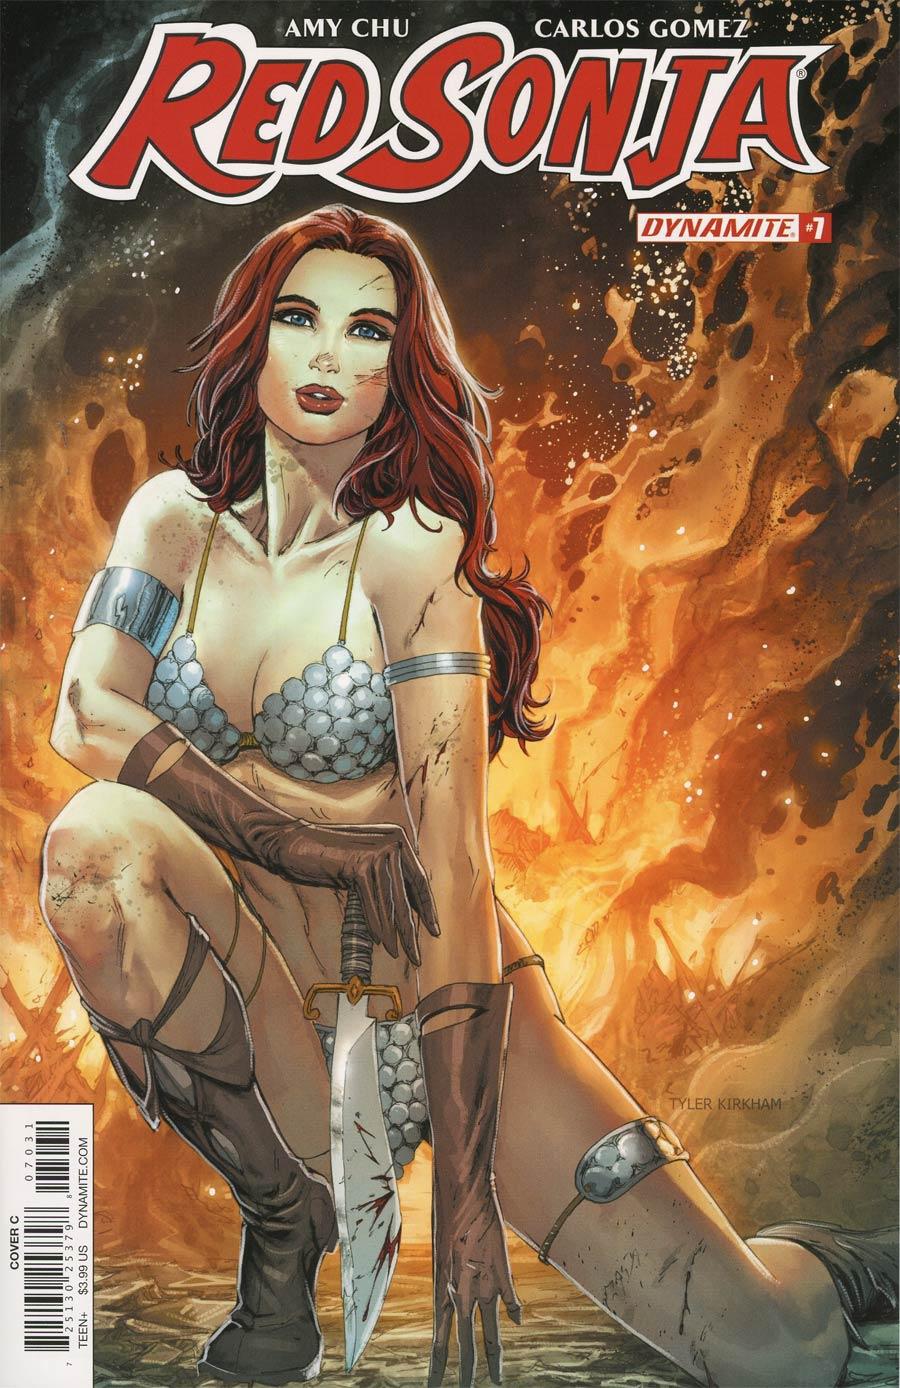 Red Sonja Vol 7 #7 Cover C Variant Tyler Kirkham Cover